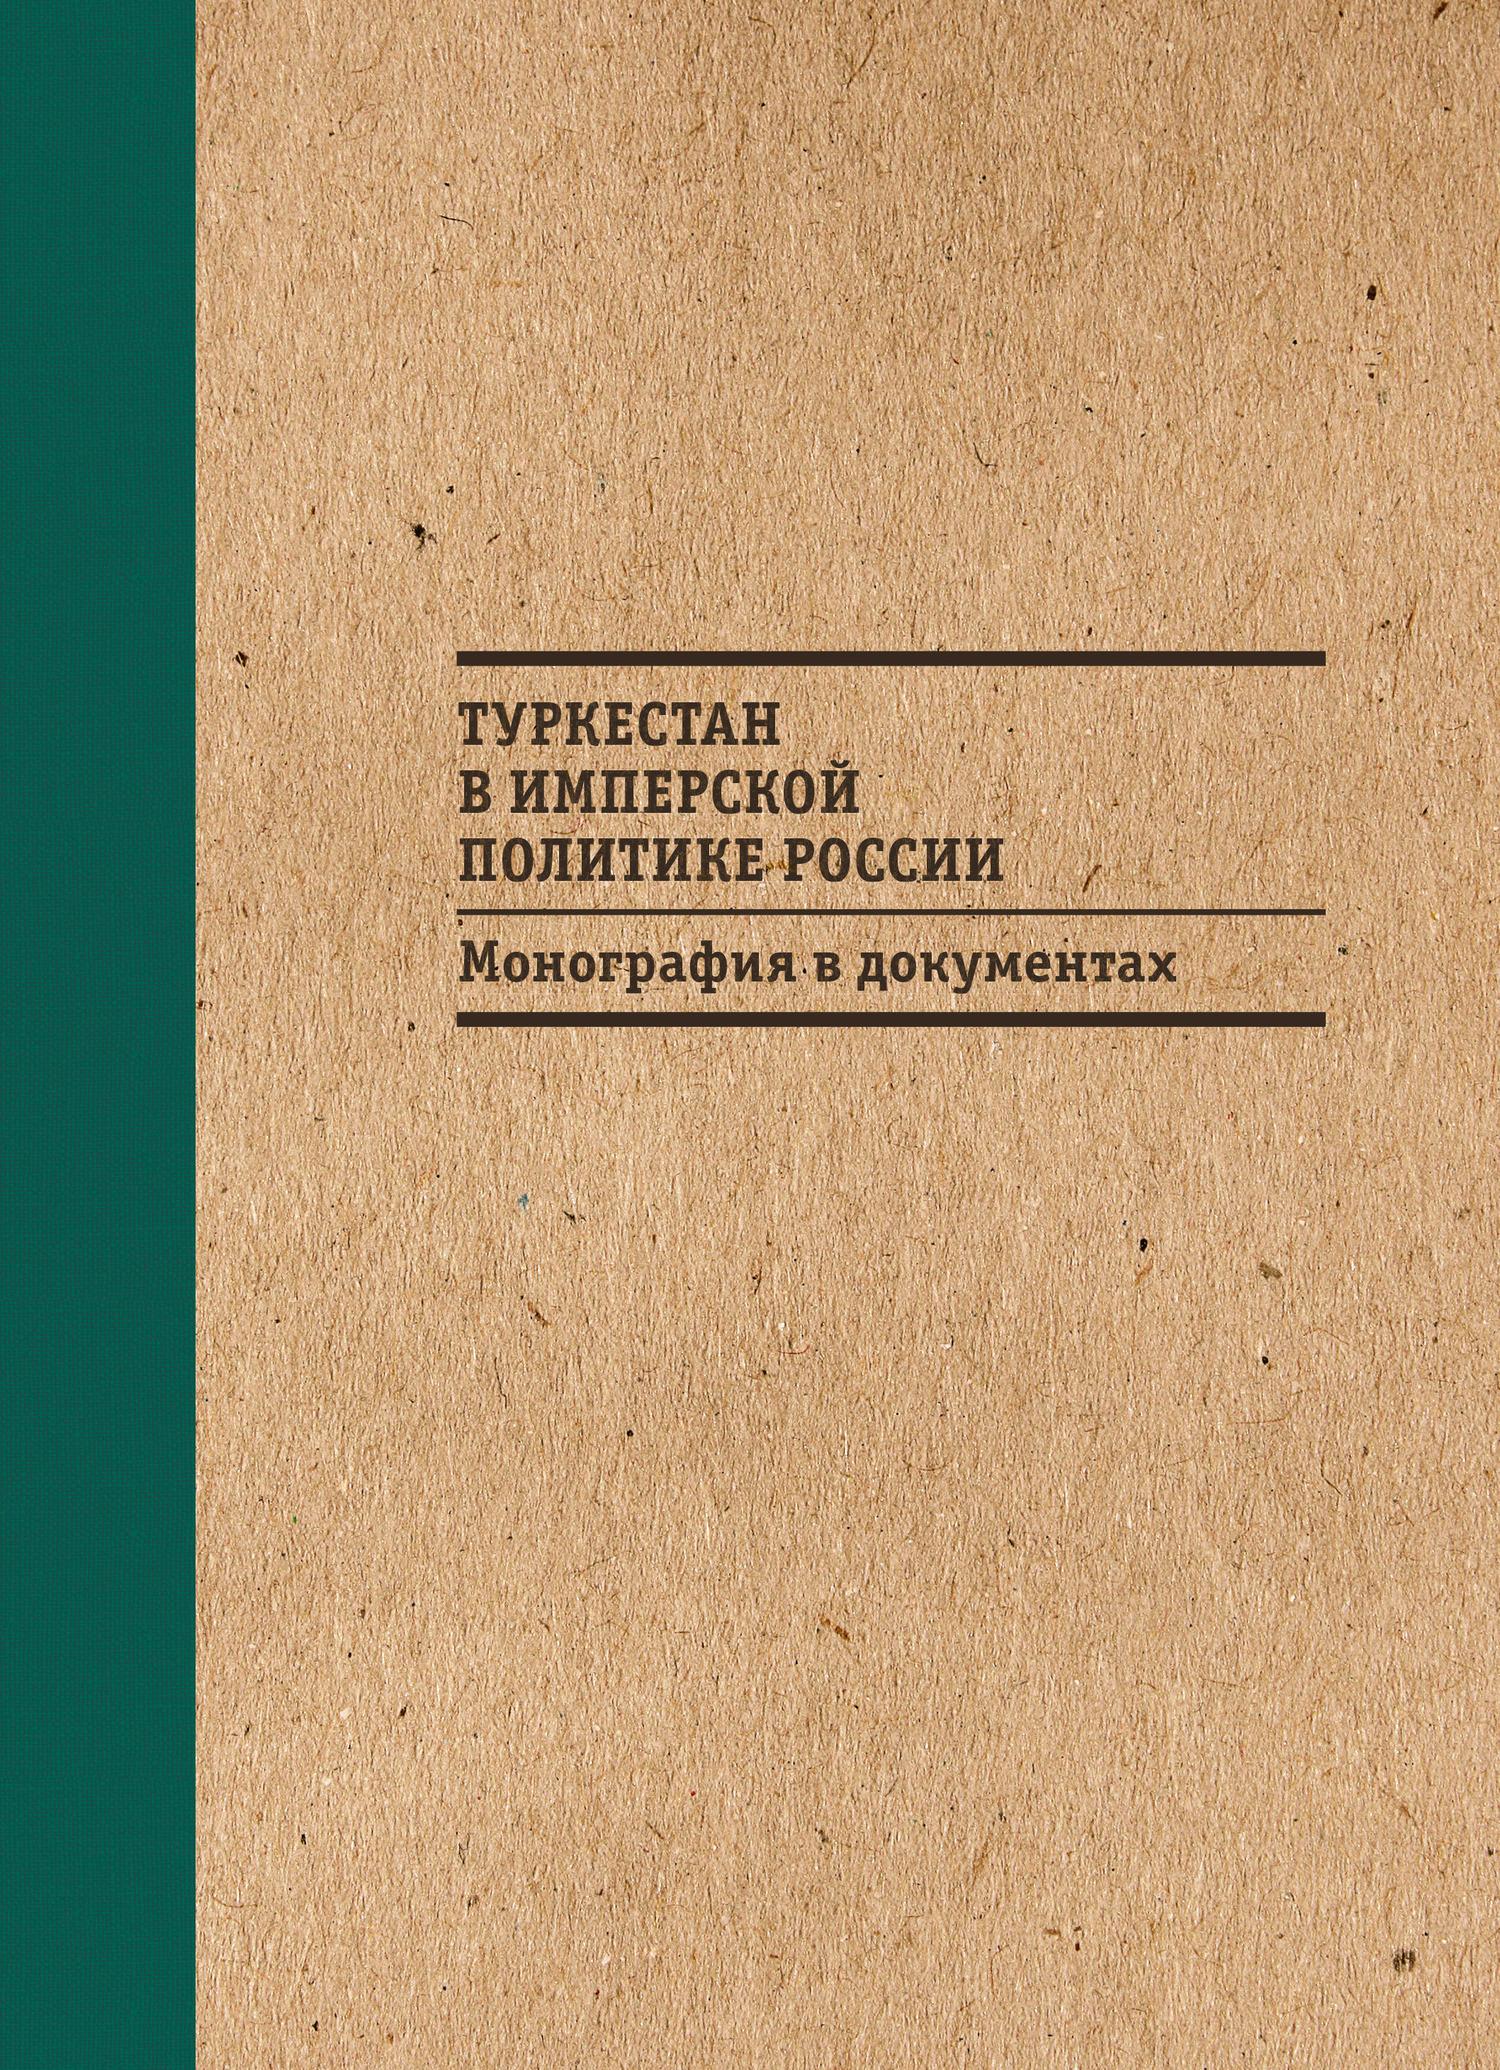 С. Н. Абашин Туркестан в имперской политике России: Монография в документах